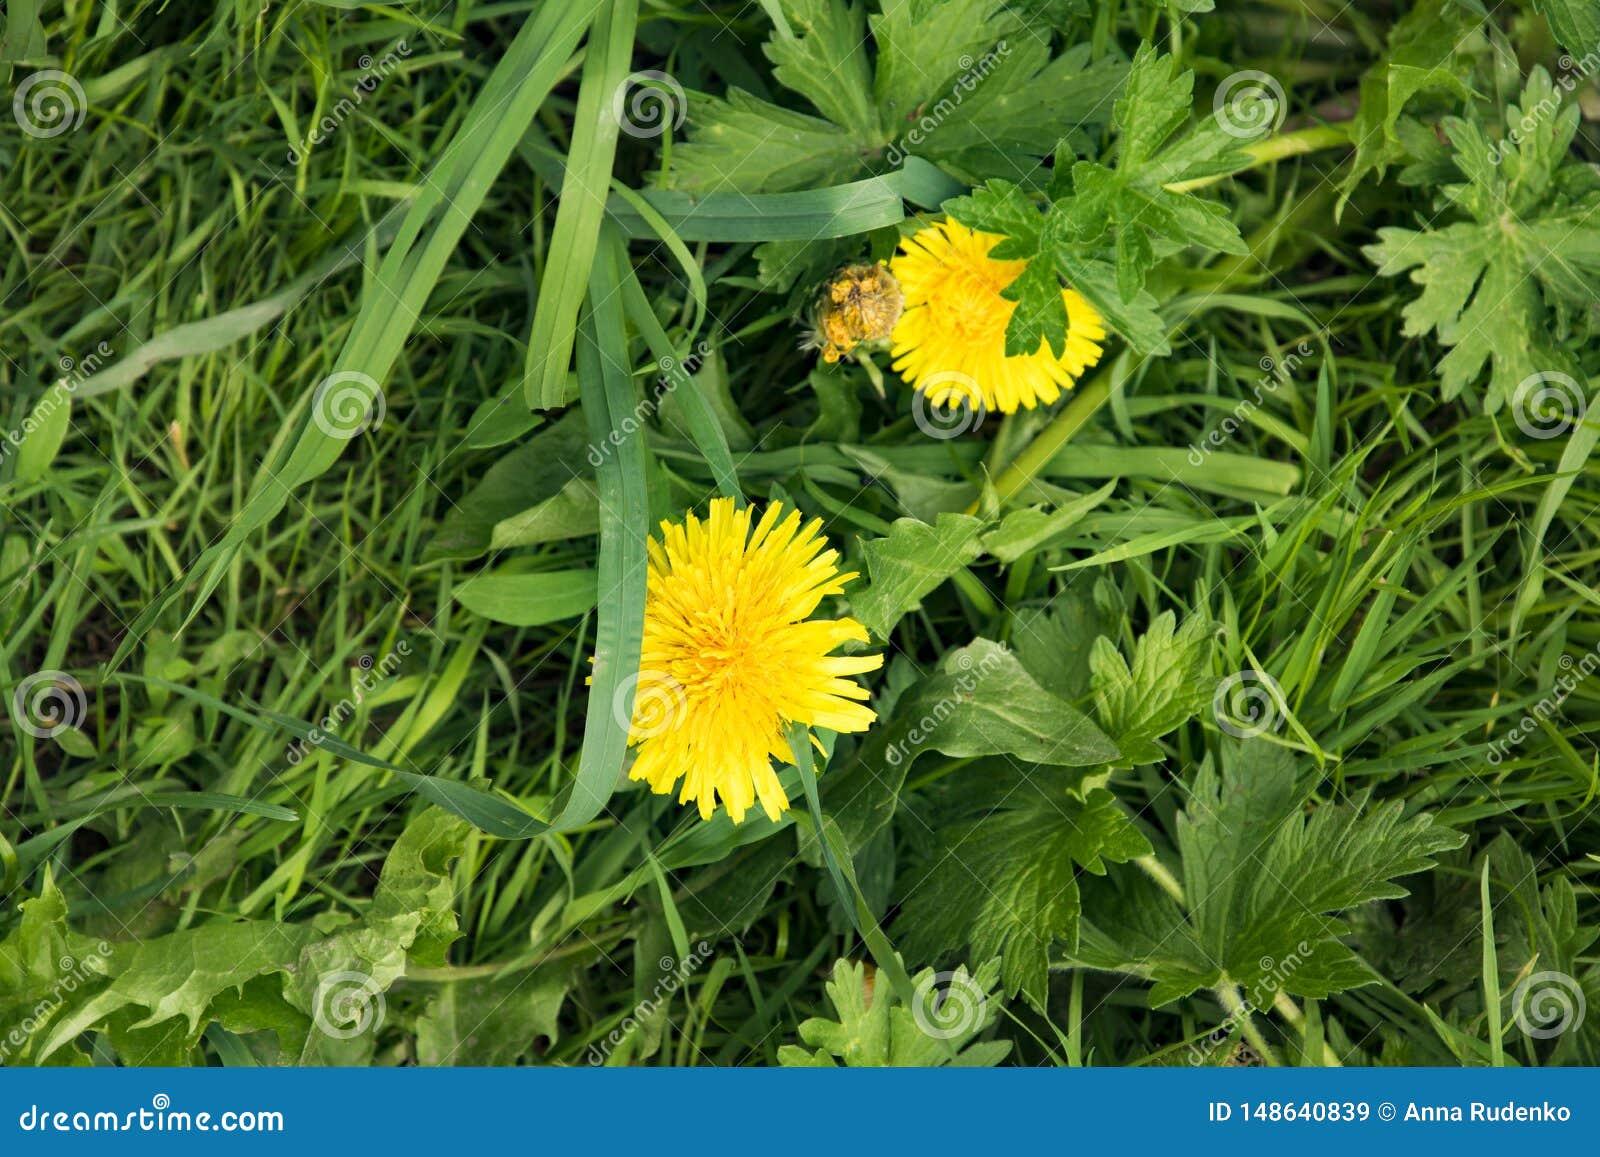 Ландшафт лета, парк, желтые пушистые одуванчики среди толстой сочной травы